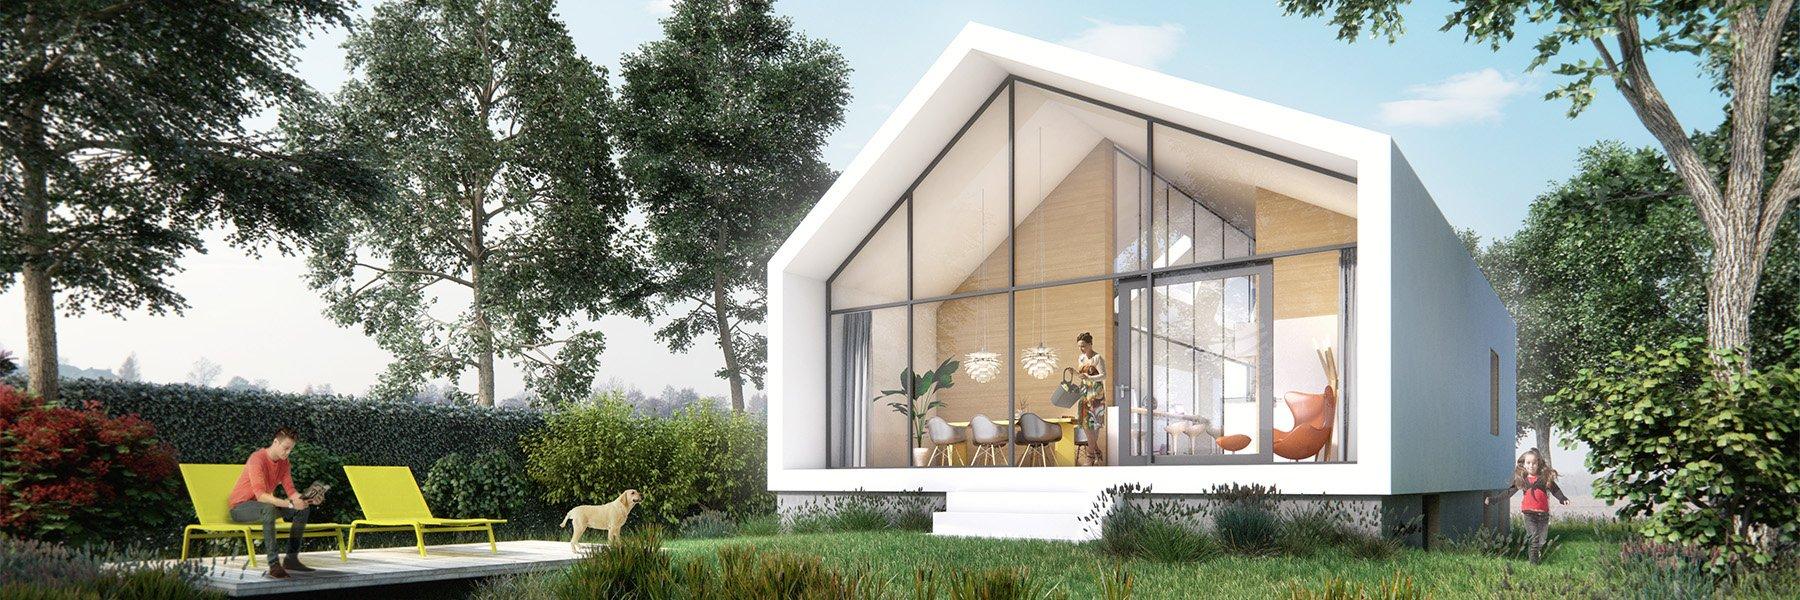 Studio Komma architecten vrije kavel woningen